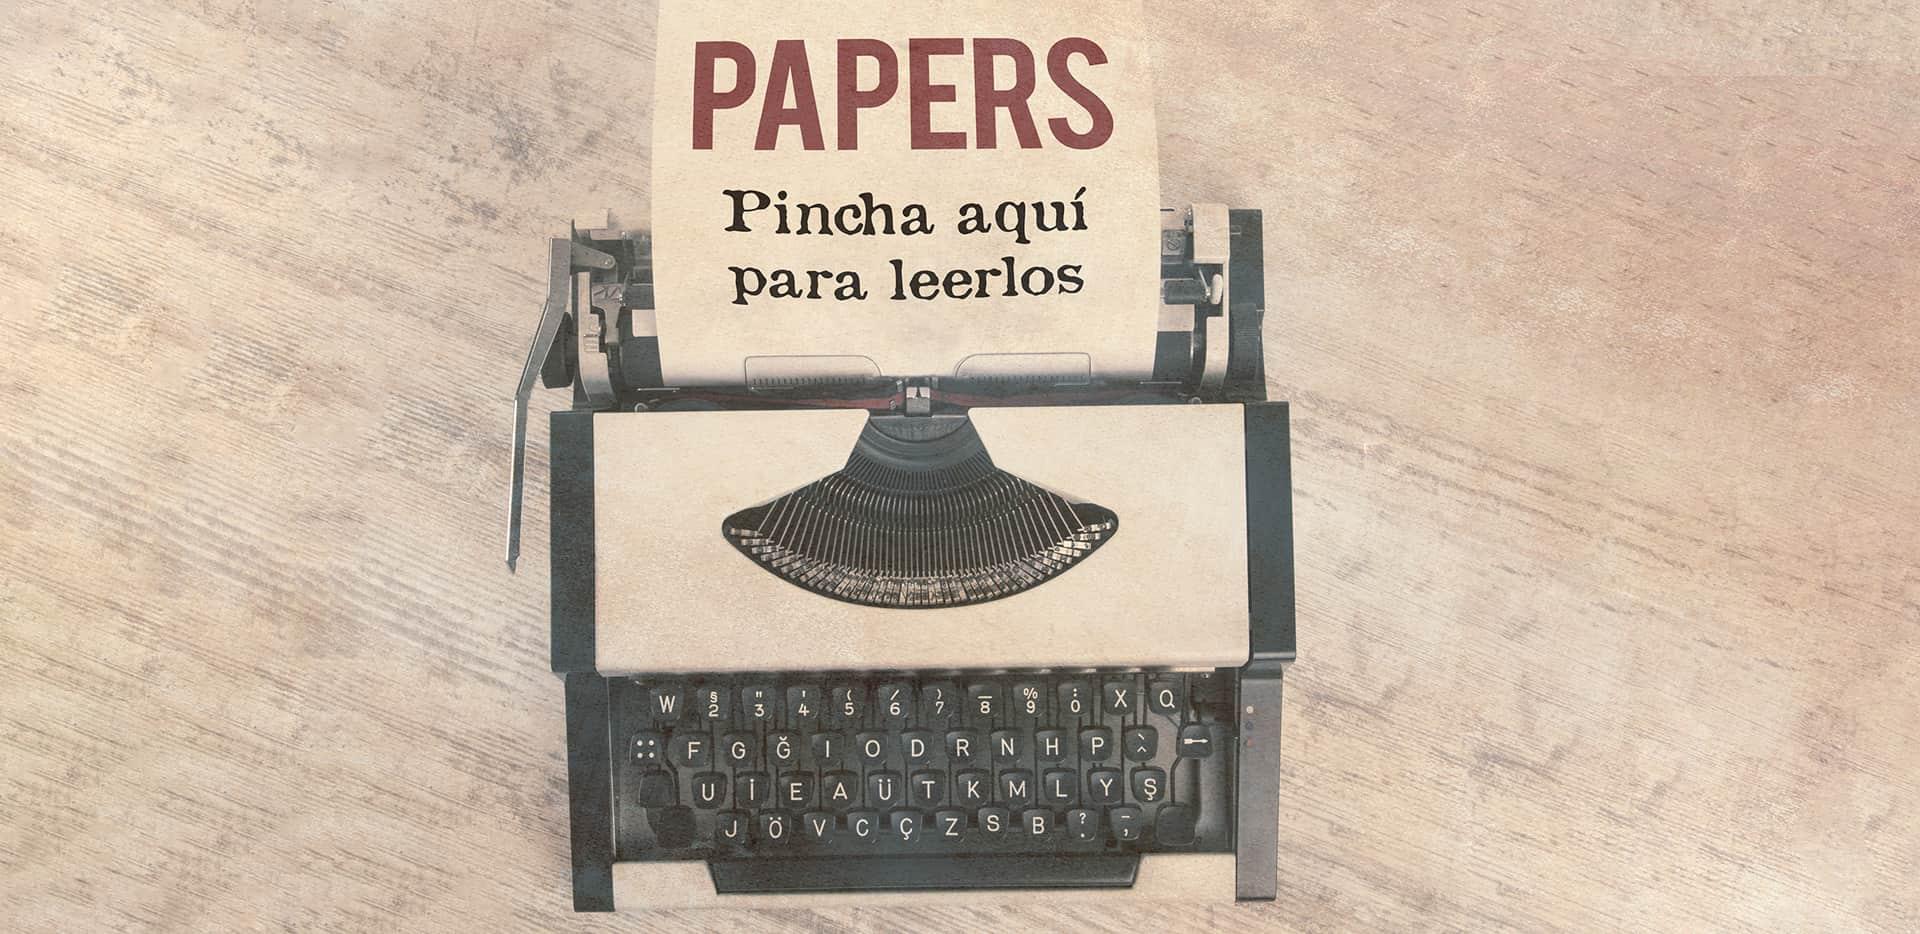 Papers de la escritora Ibiza Melián